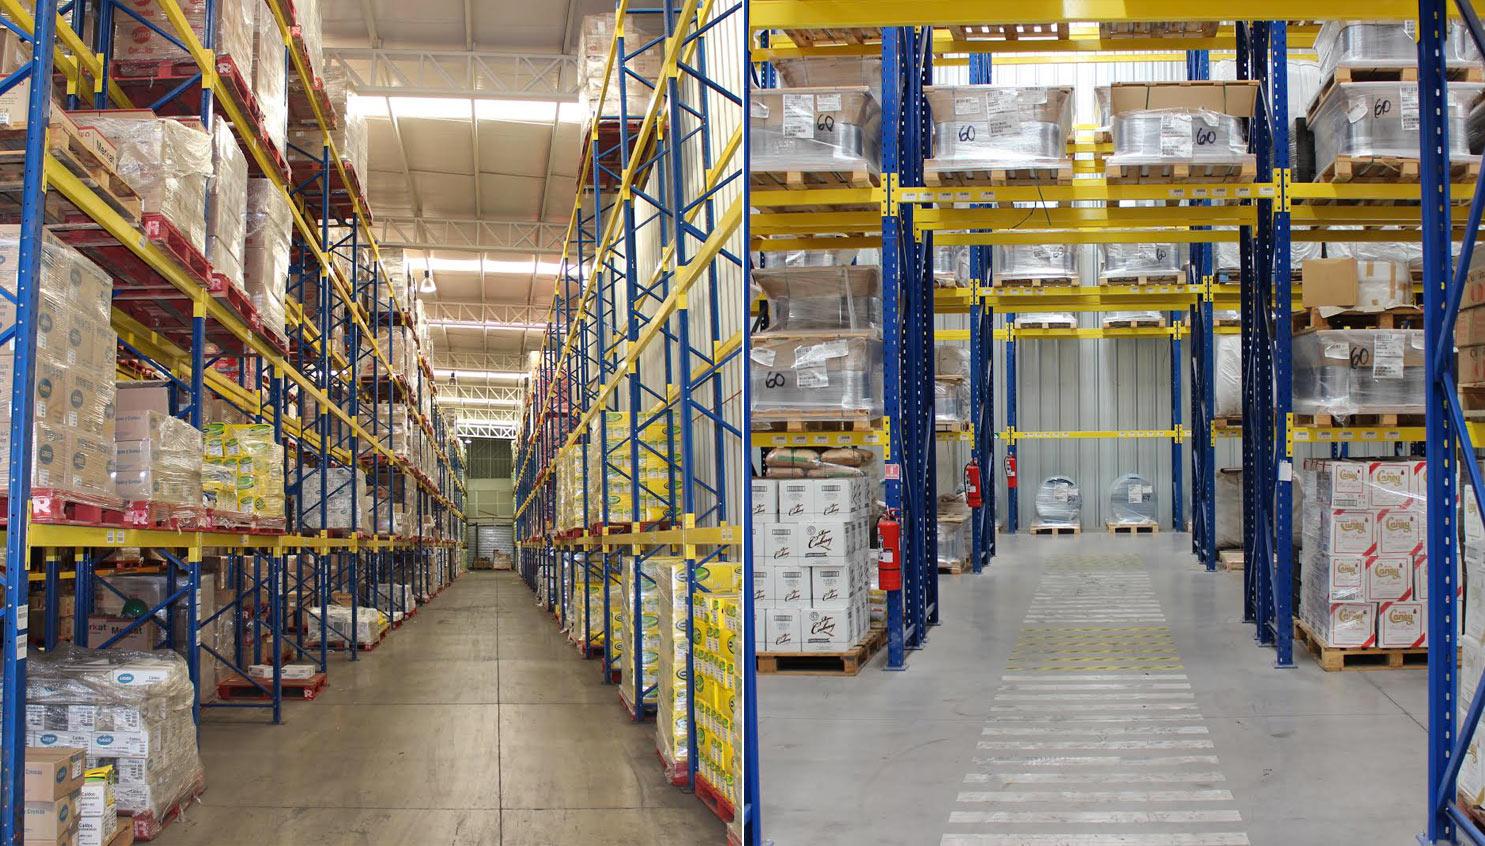 Central-Bodegas-es-la-primera-empresa-del-rubro-en-contar-con-la-certificacion-Iso-9001---2015